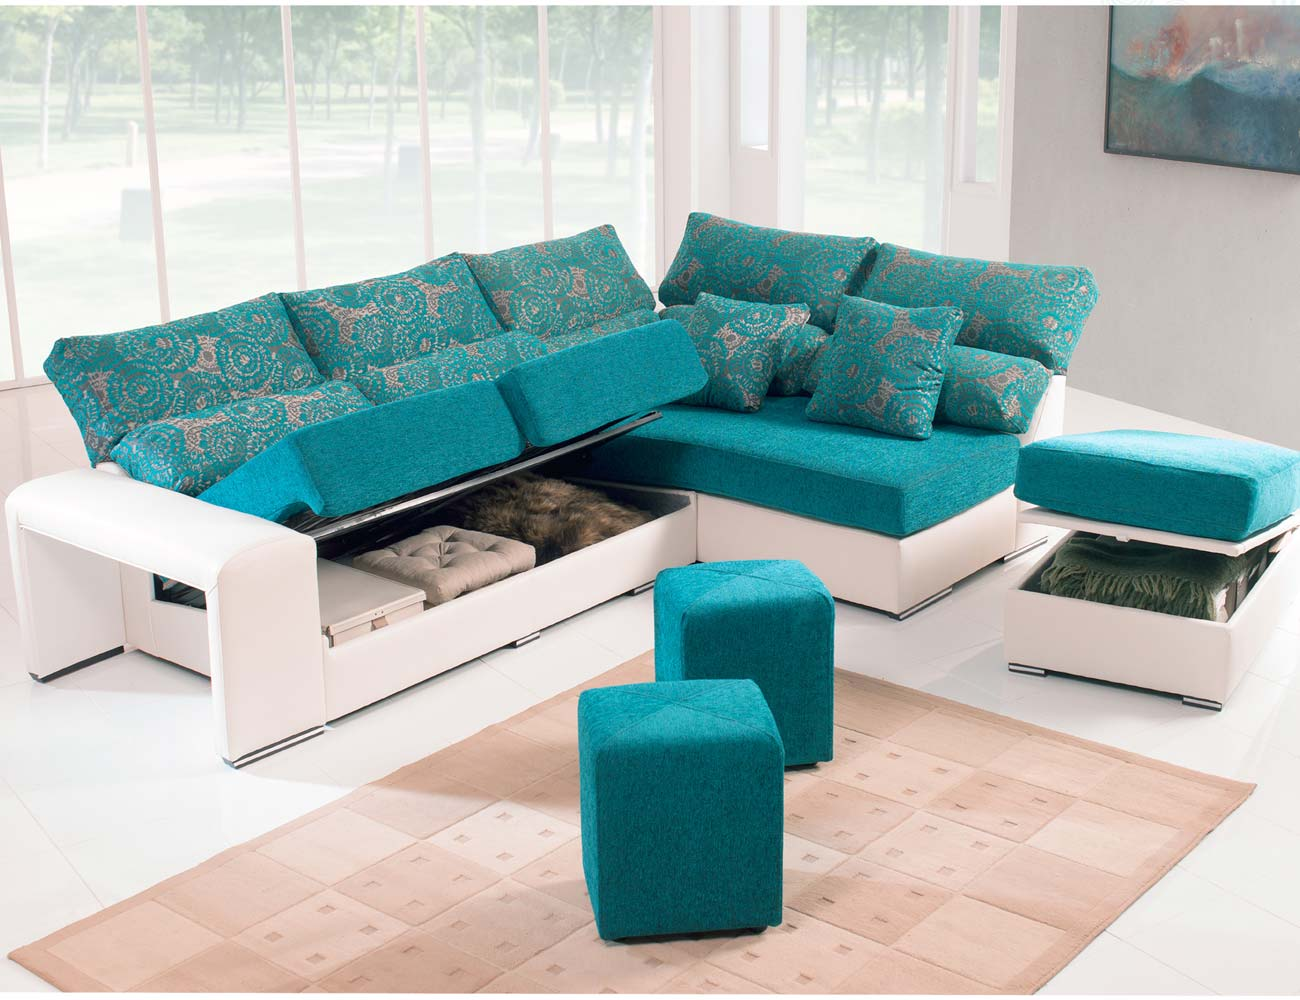 Sofa chaiselongue rincon puff arcon taburete9